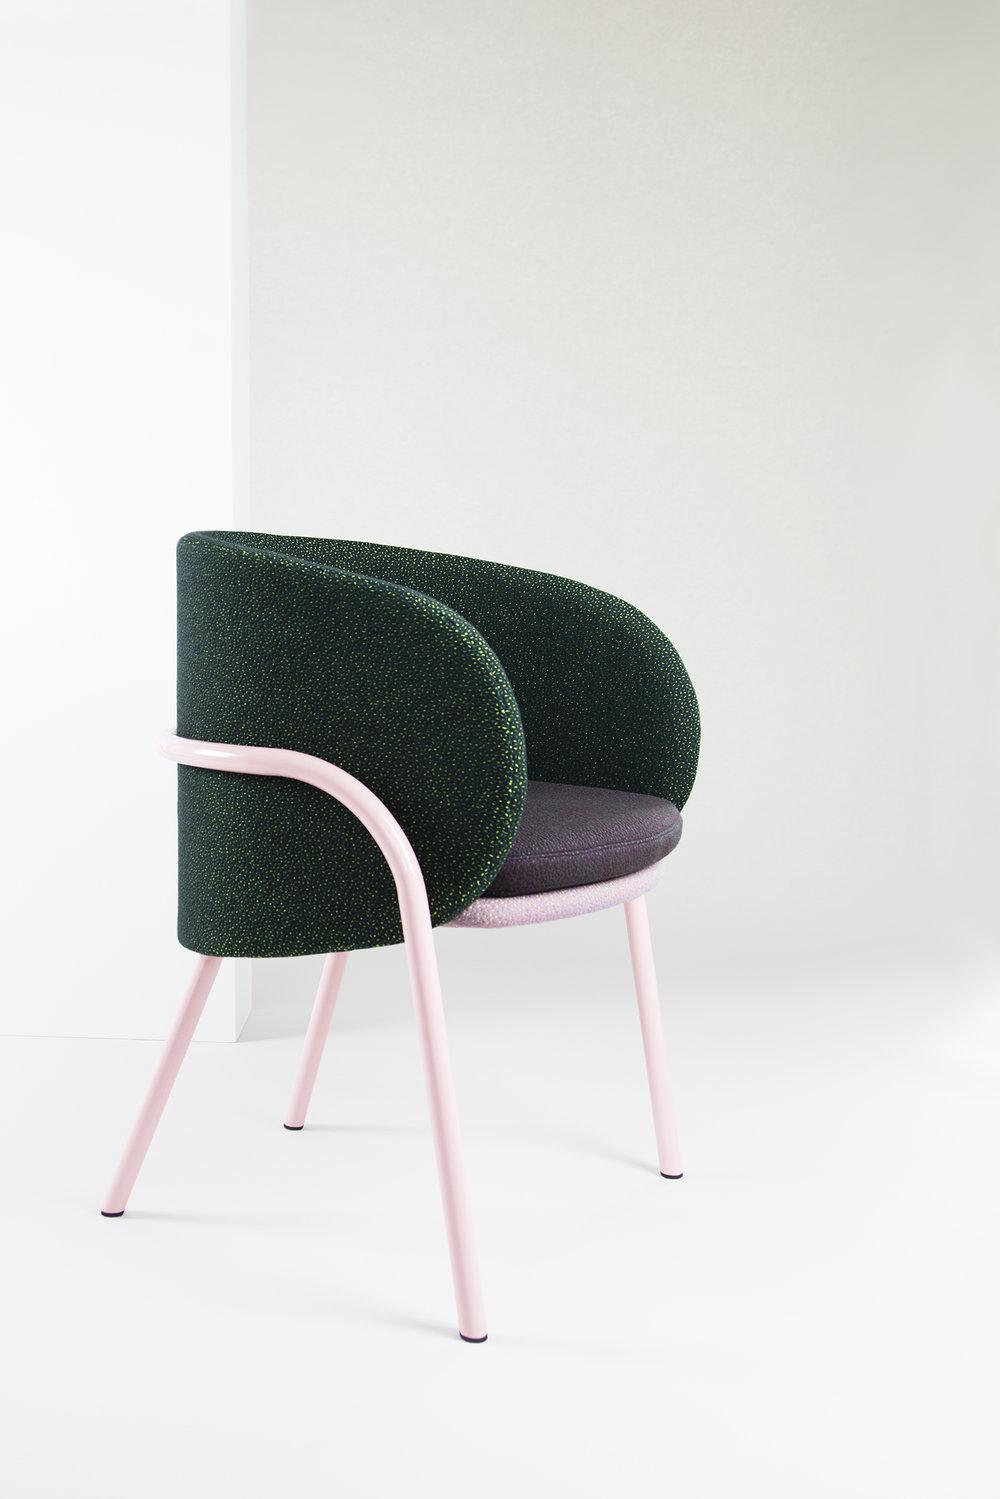 Nikolai Kotlarczyk's 'Wompoo' chair prototype.